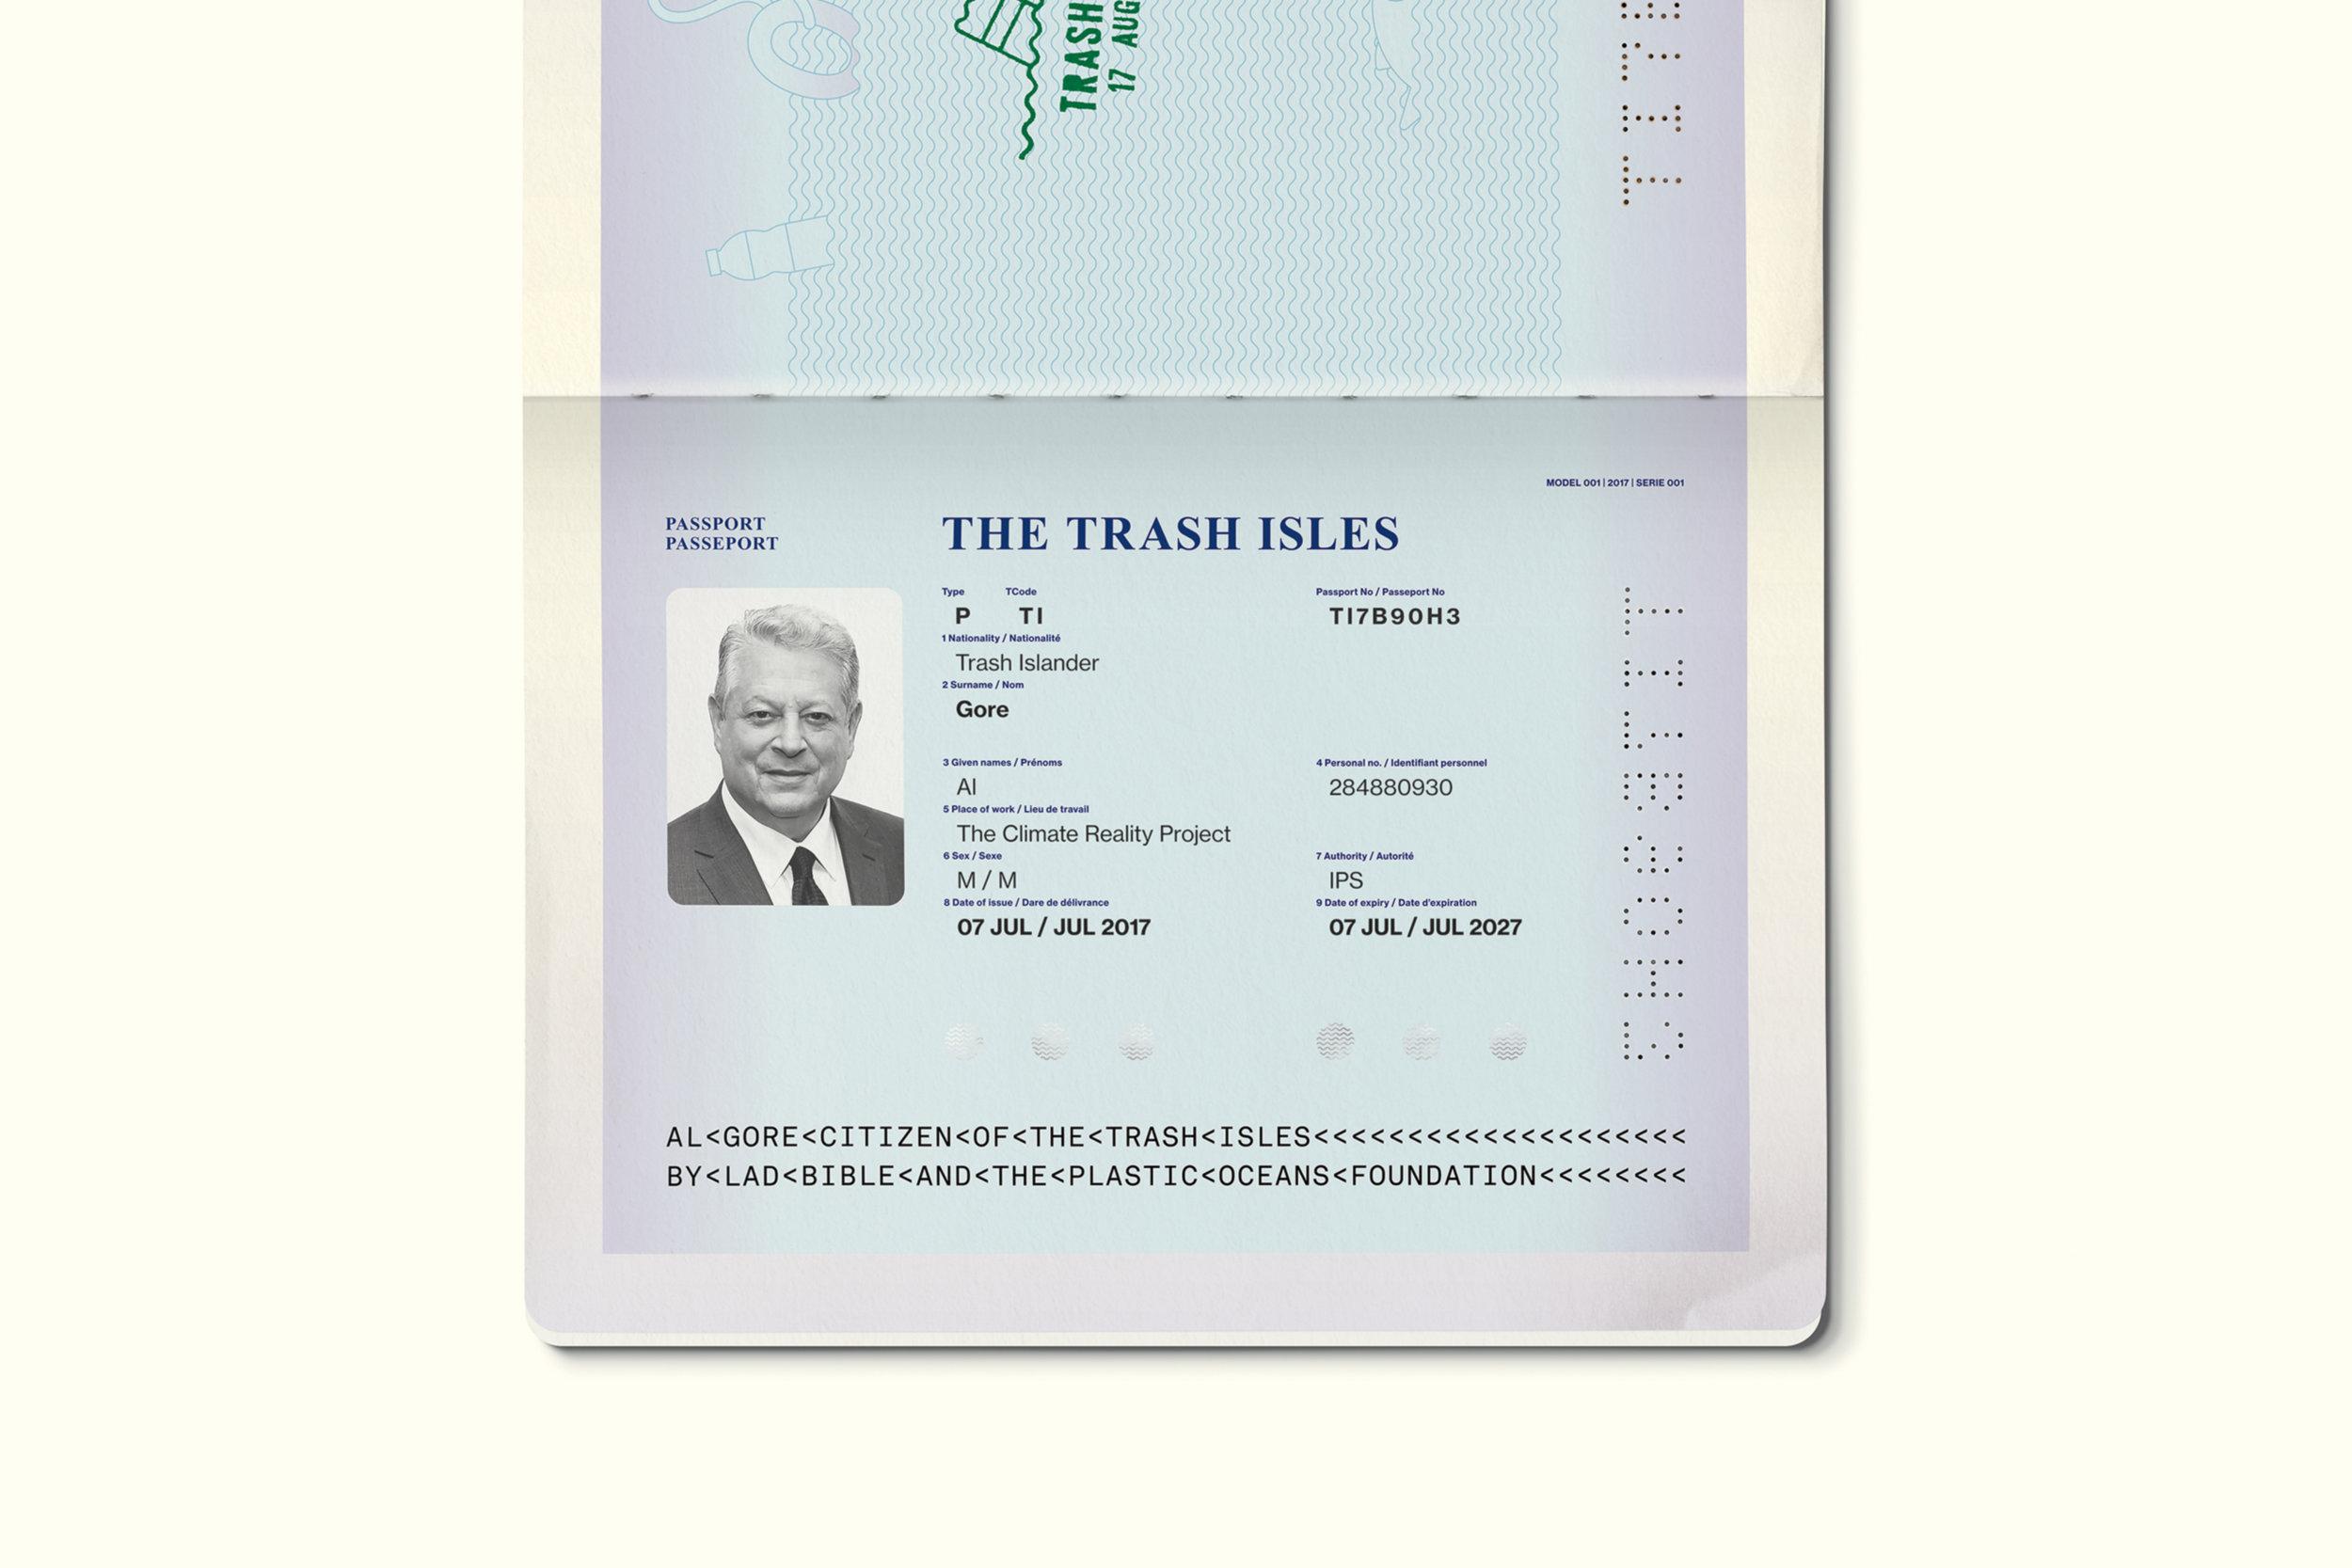 Passport+03_2 (1).jpg